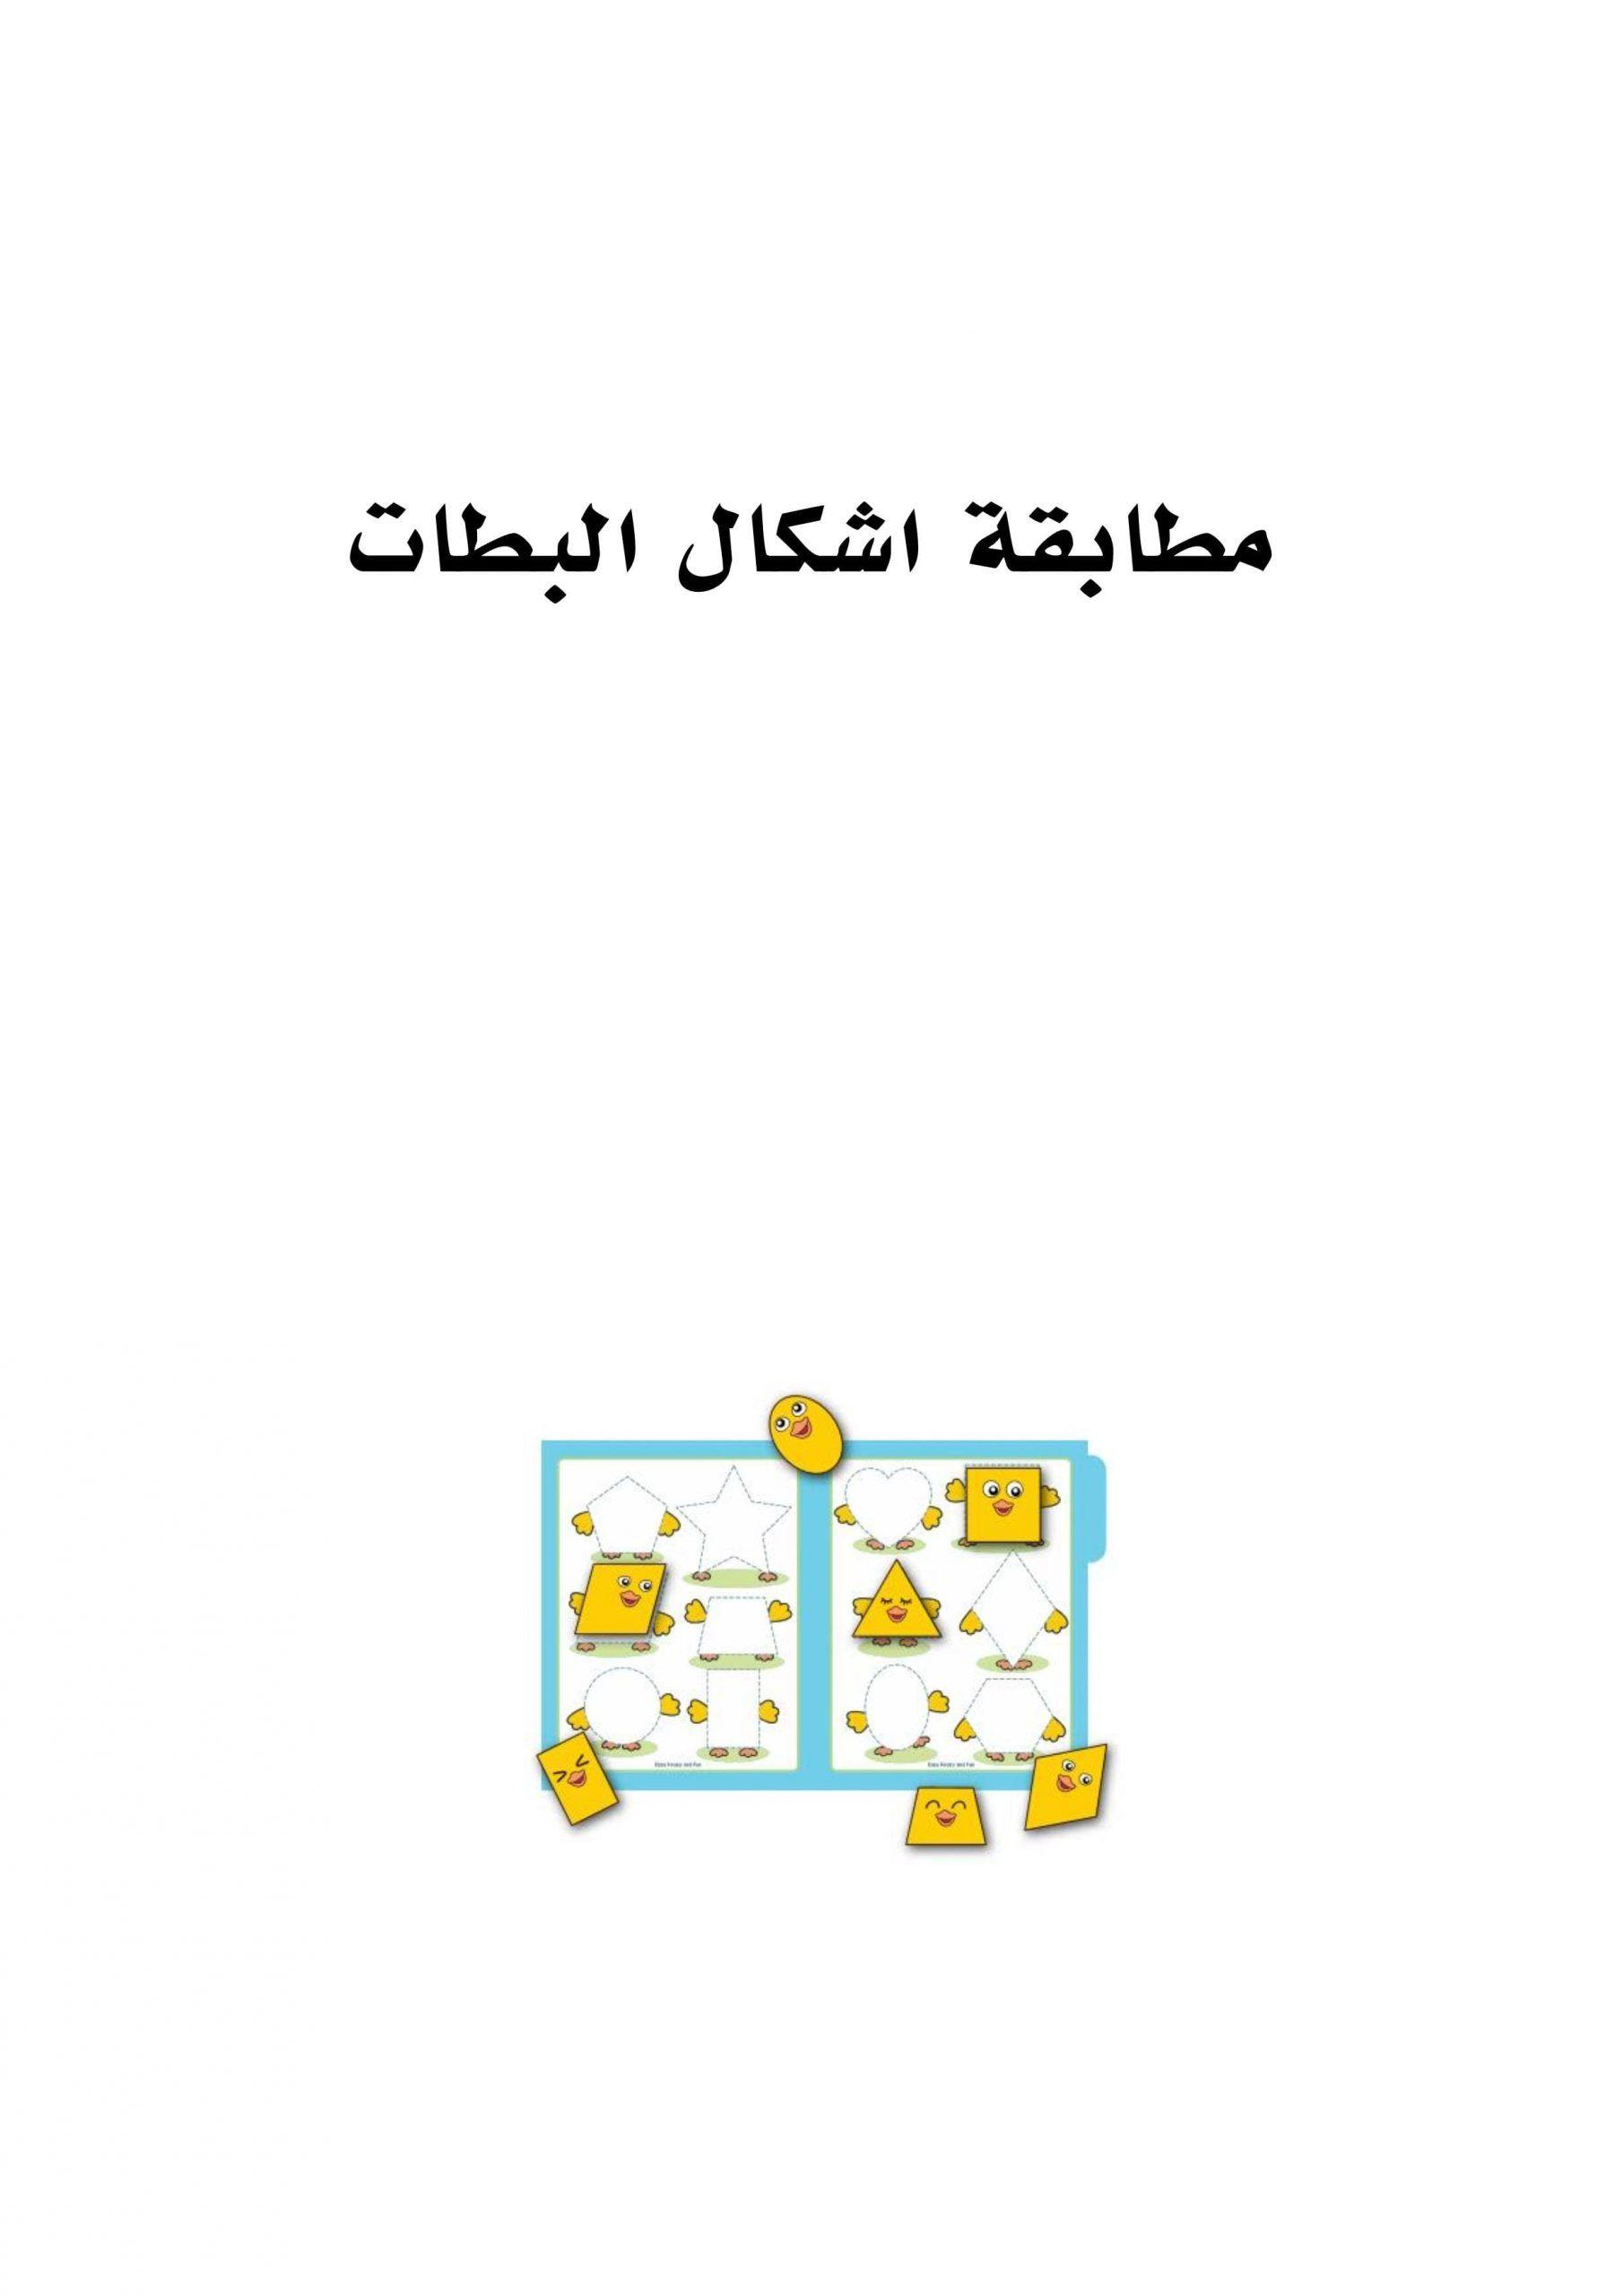 نشاط مطابقة اشكال البطات لتعليم الاشكال للاطفال بطريقة ممتعة Arabic Kids Kids